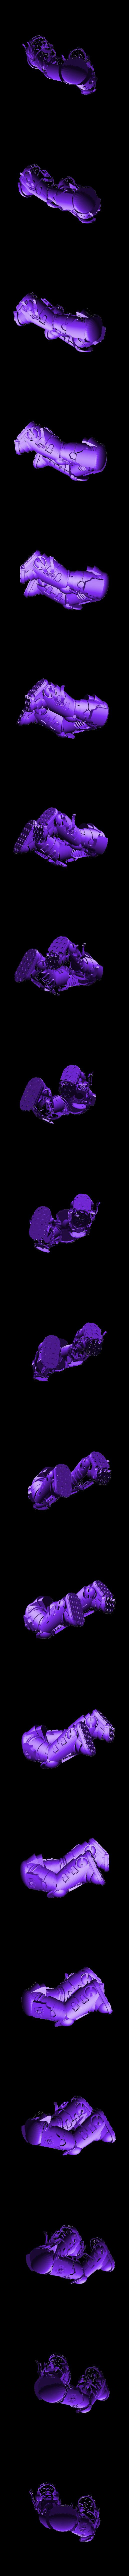 Legs 1.stl Télécharger fichier STL gratuit L'équipe des Chevaliers gris Primaris • Modèle pour imprimante 3D, joeldawson93